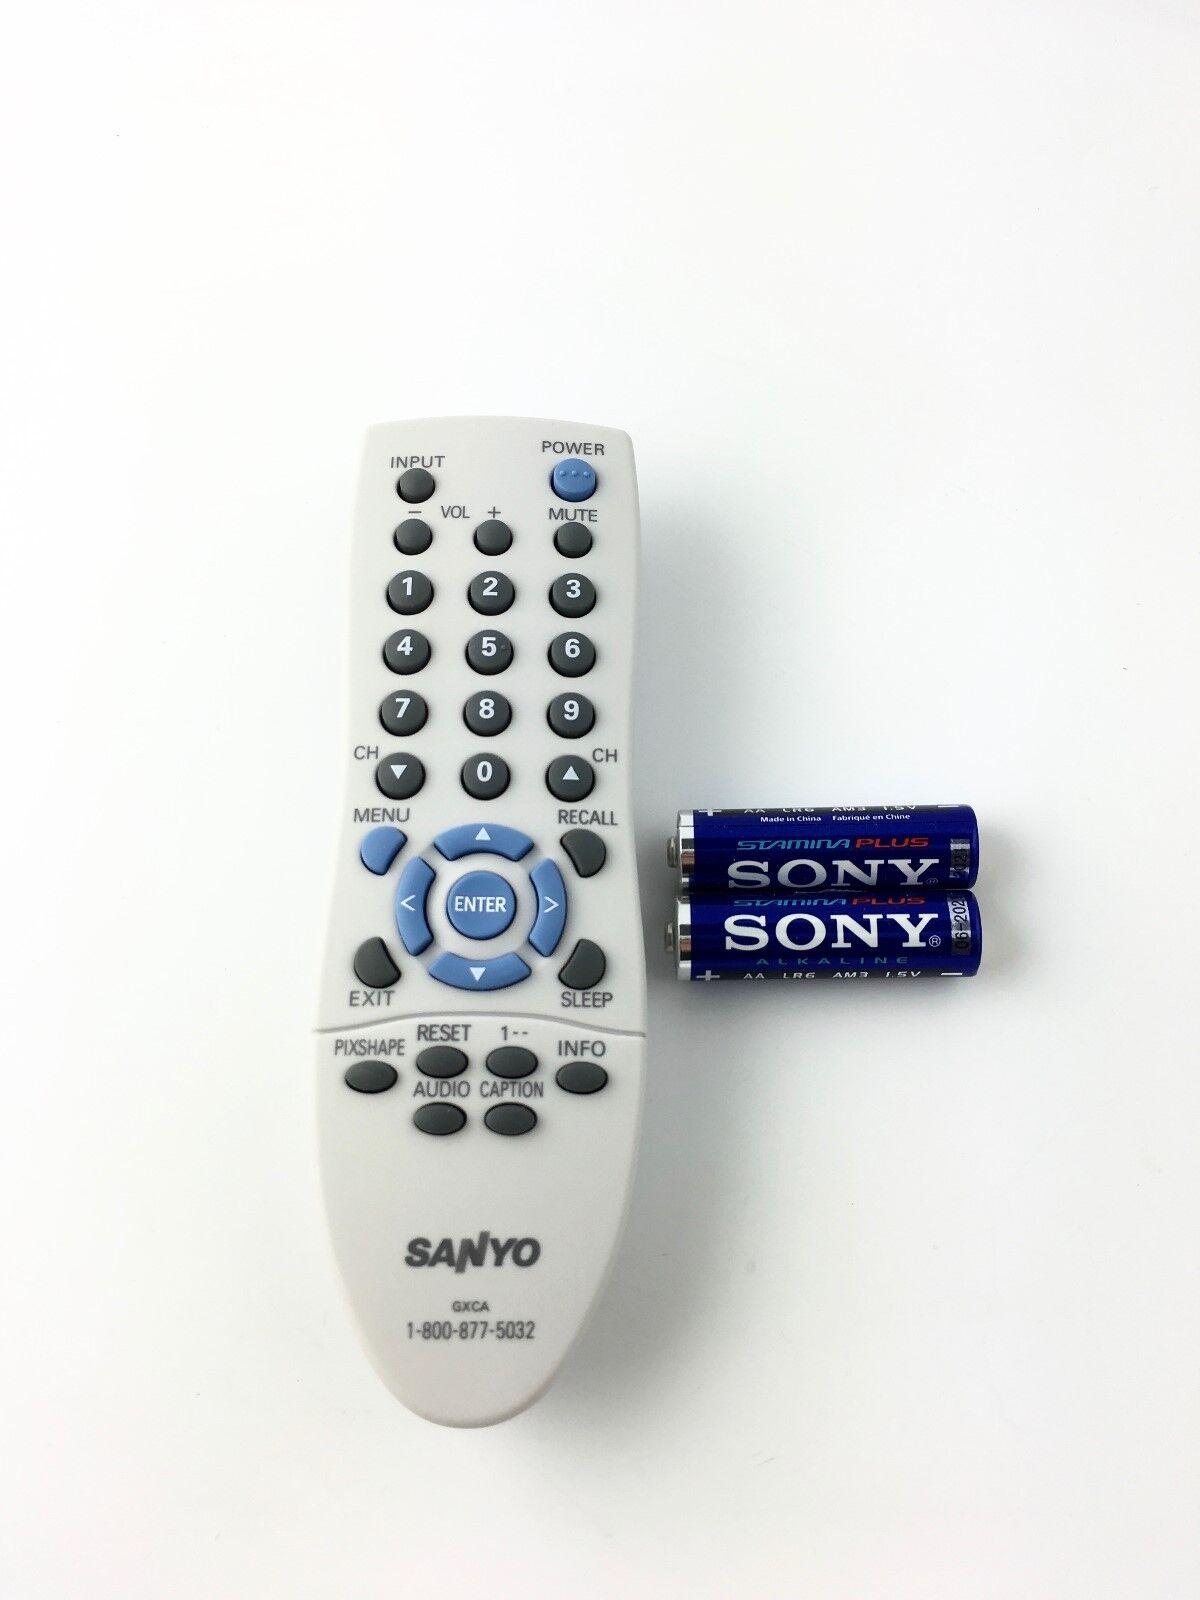 NEW ORIGINAL SANYO GXCA TV Remote Control DP19647 DP15647 DP